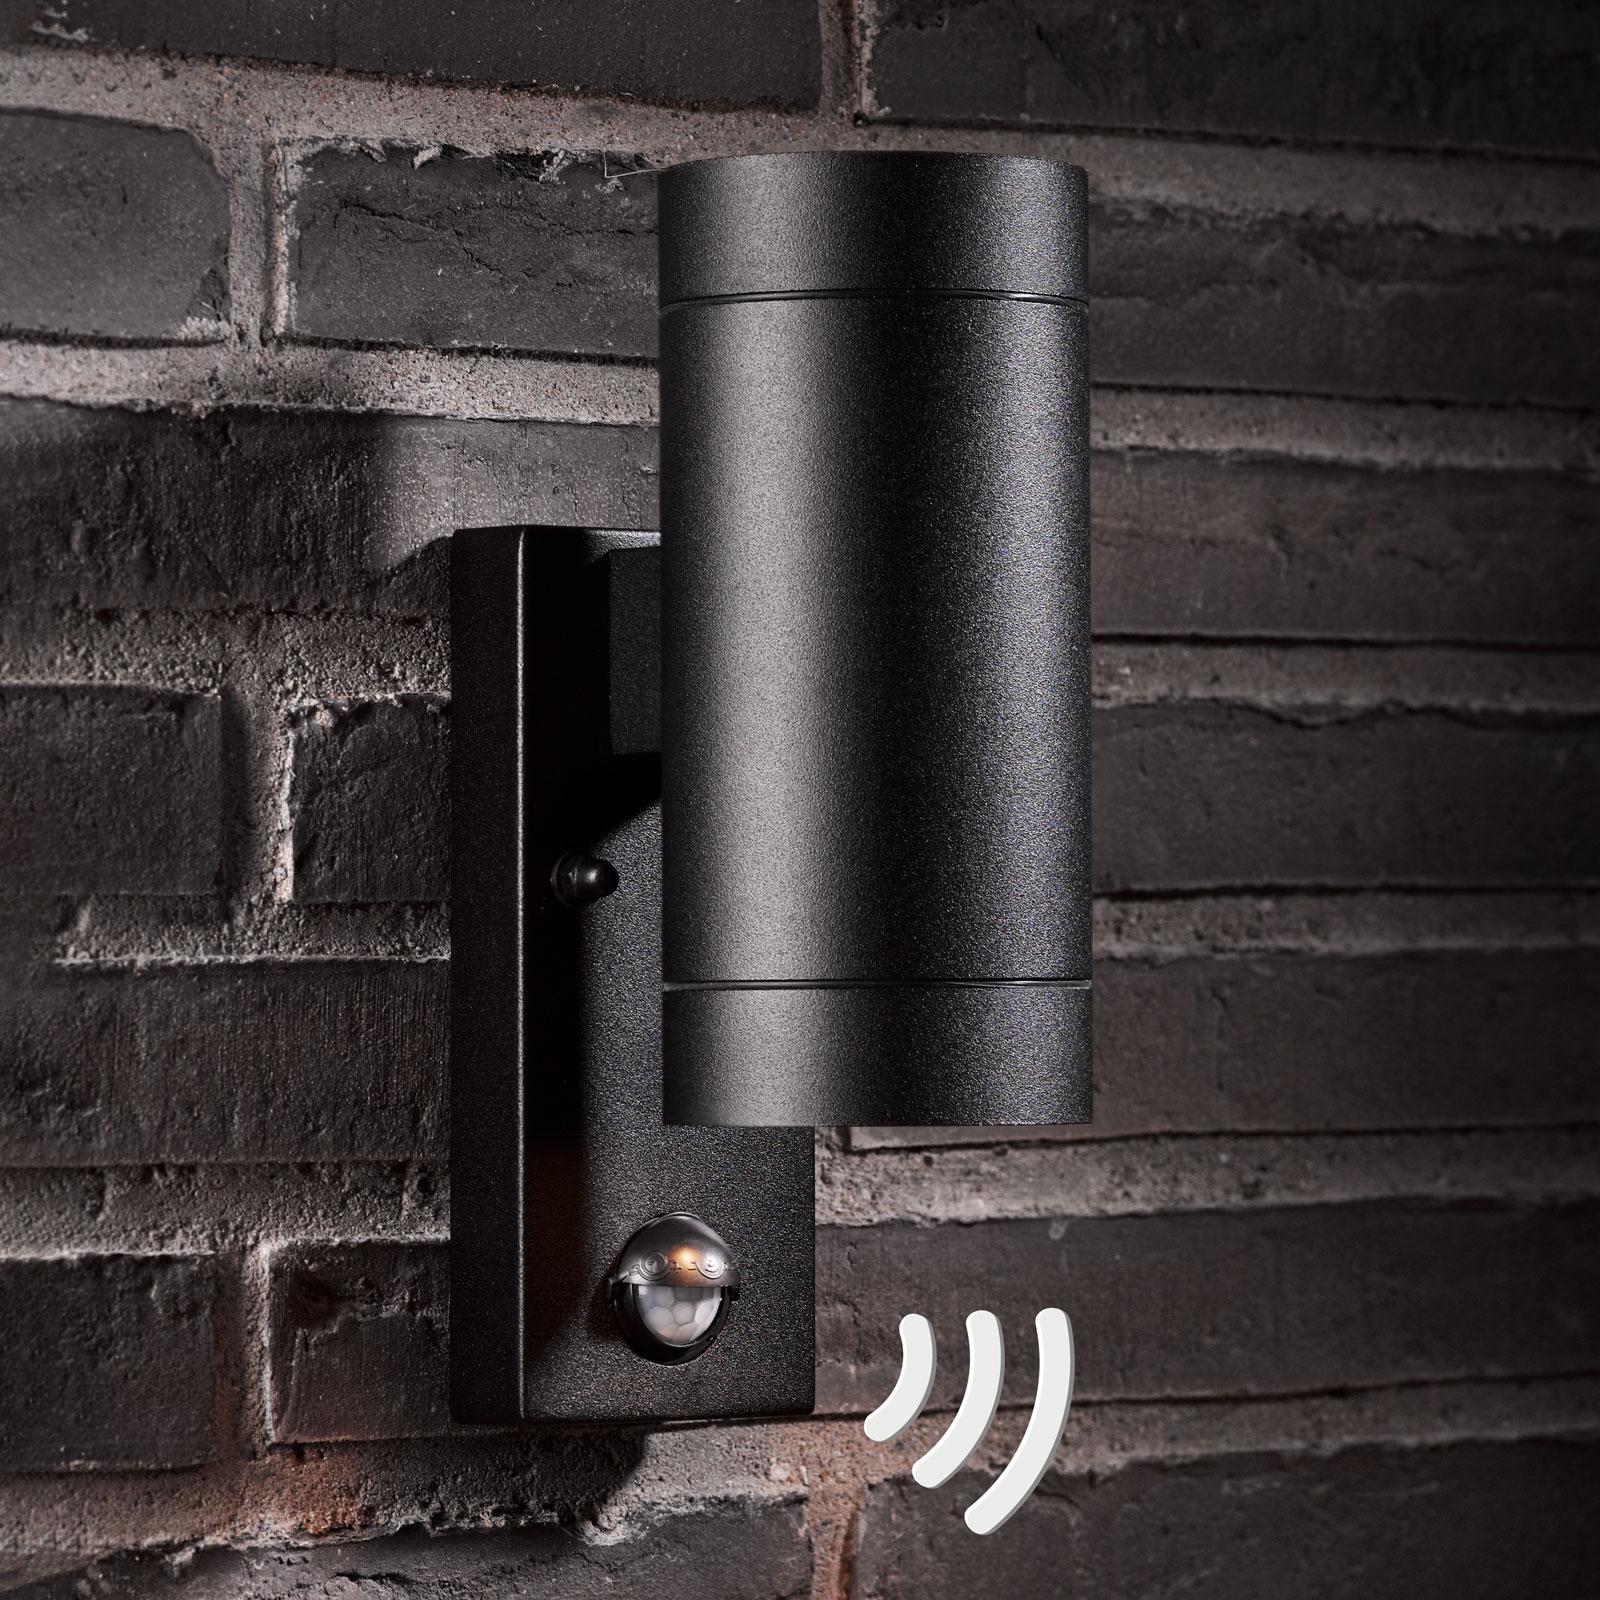 Buitenwandlamp Tin Maxi Double sensor, zwart